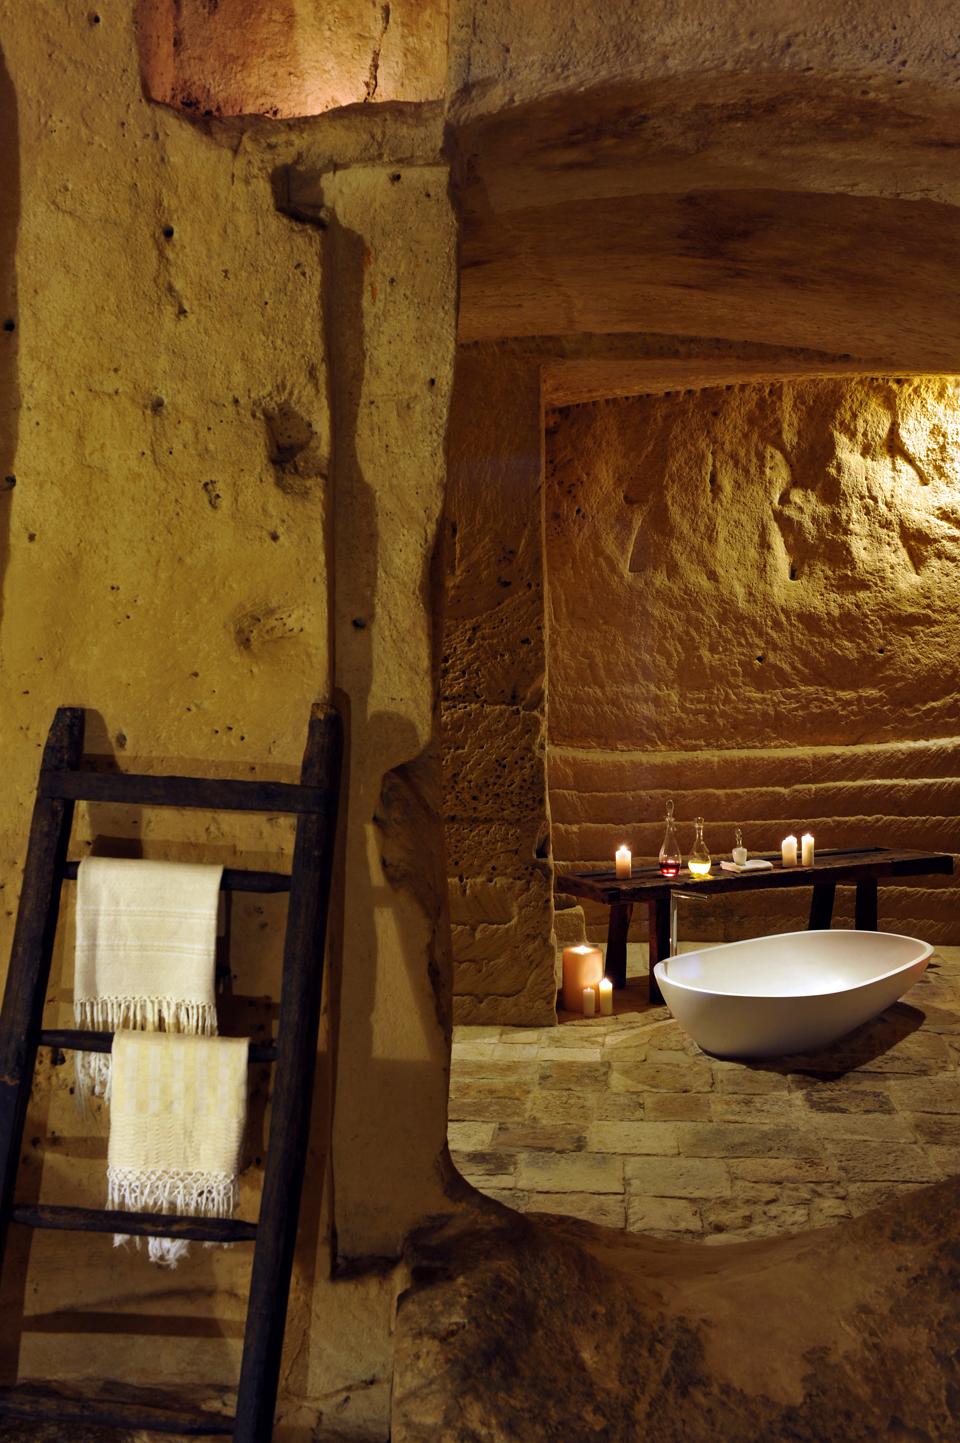 sextantio-della-civita-abandoned-cave-hotel-by-Daniele-Kihlgren-4